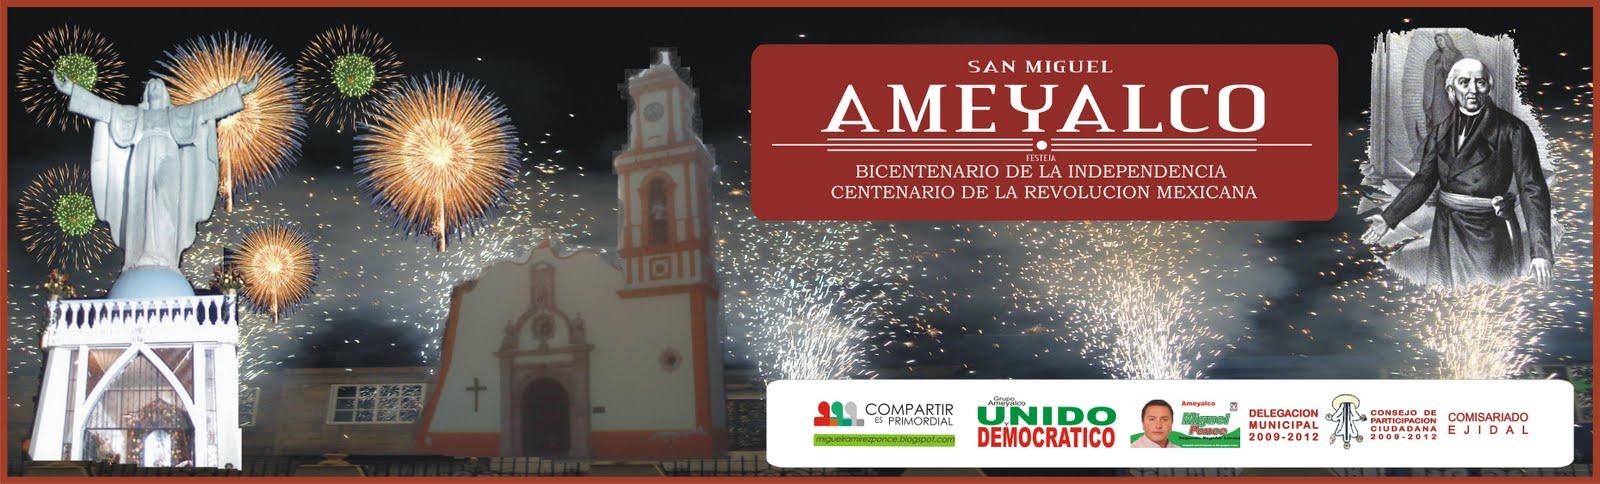 San Miguel Ameyalco